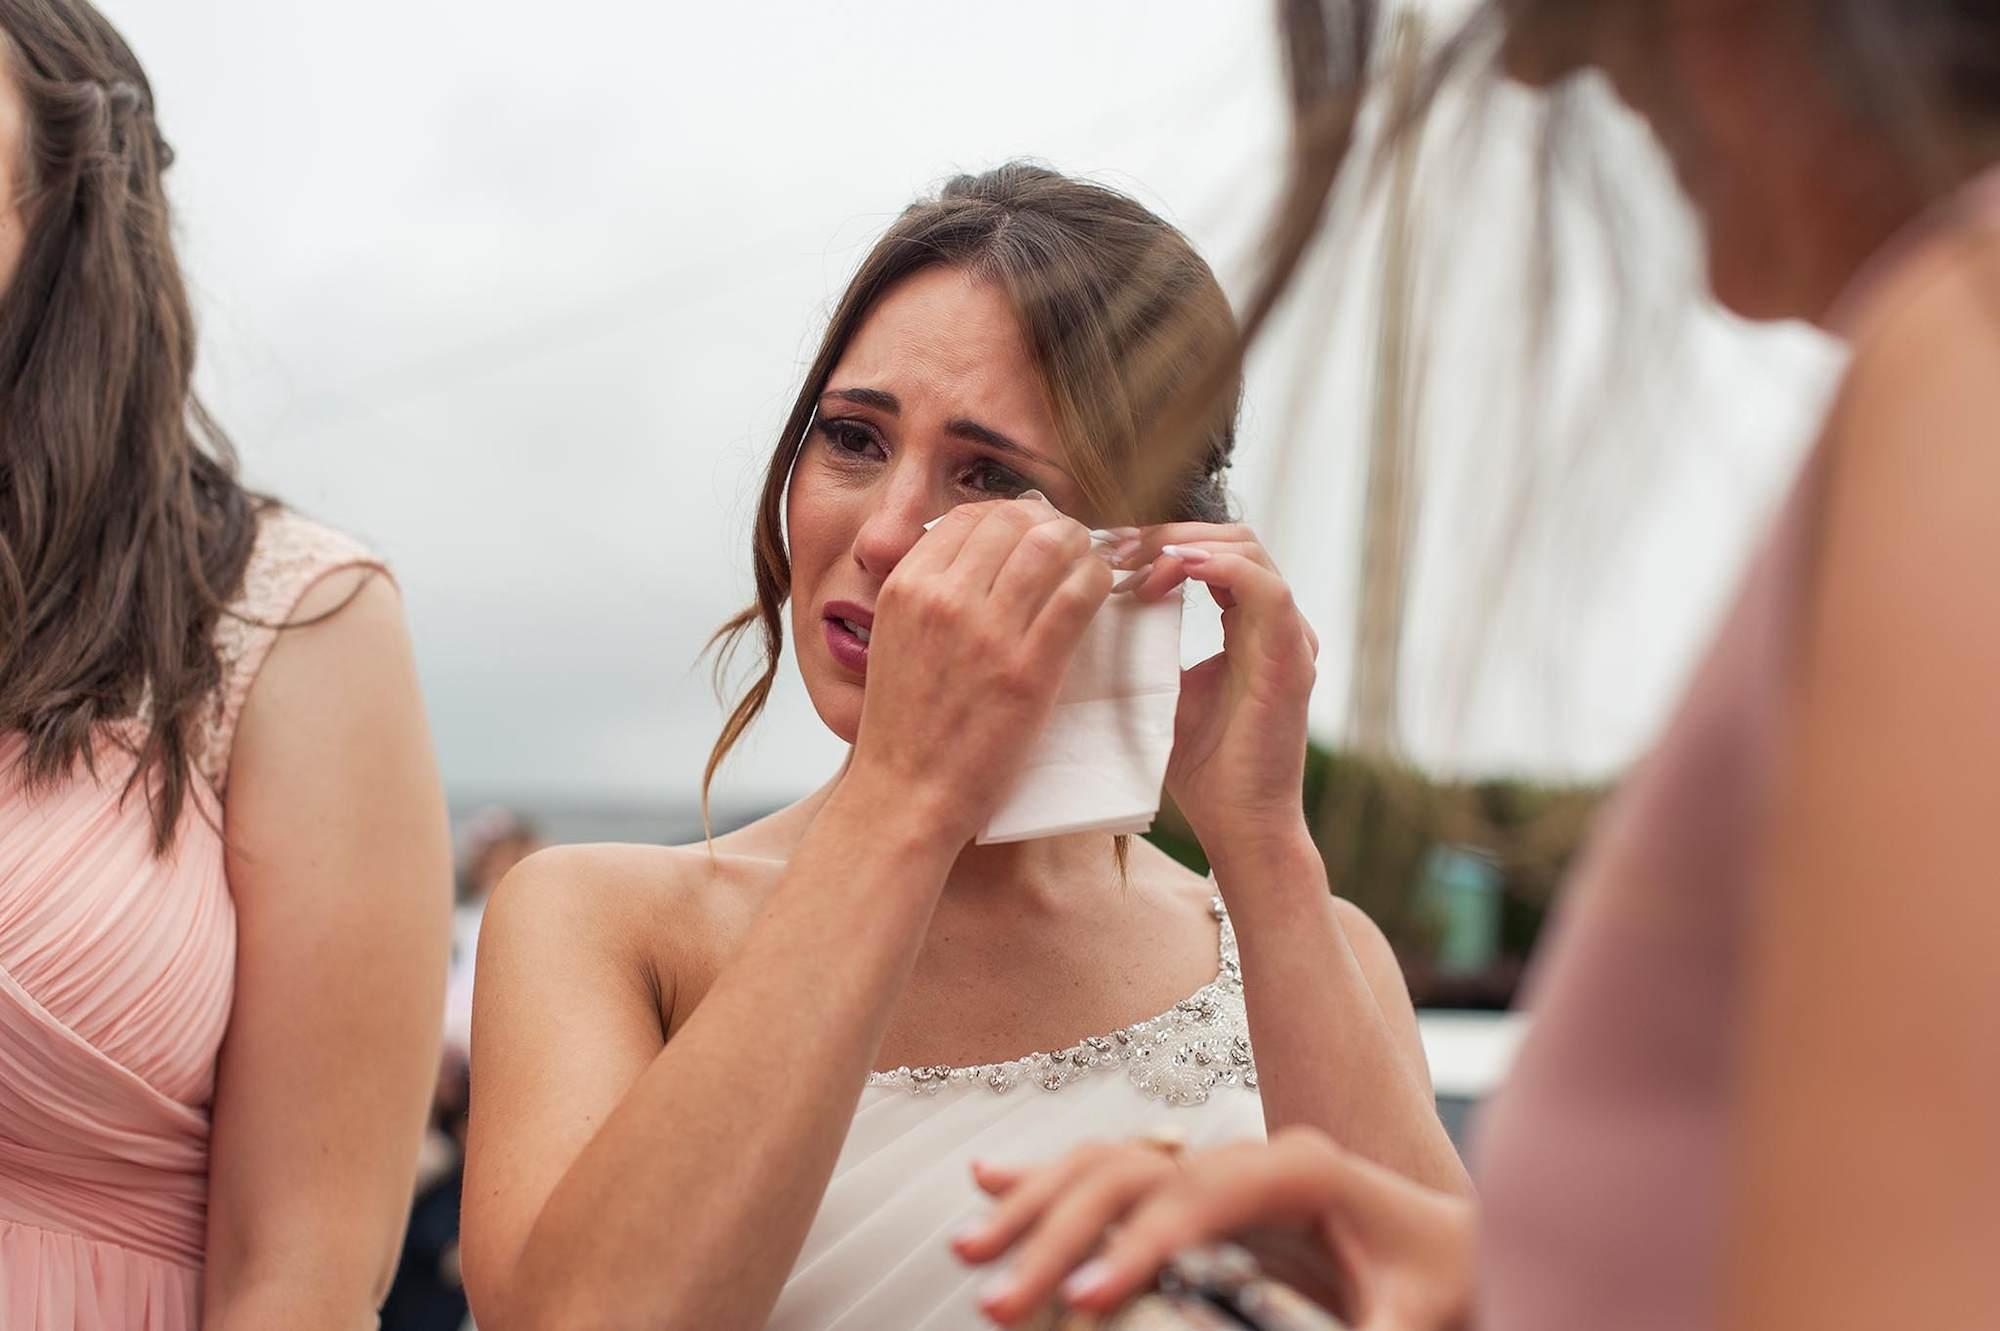 La novia llorando emocionada tras encontrarse con sus damas de honor antes de dirigirse a la ceremonia civil.